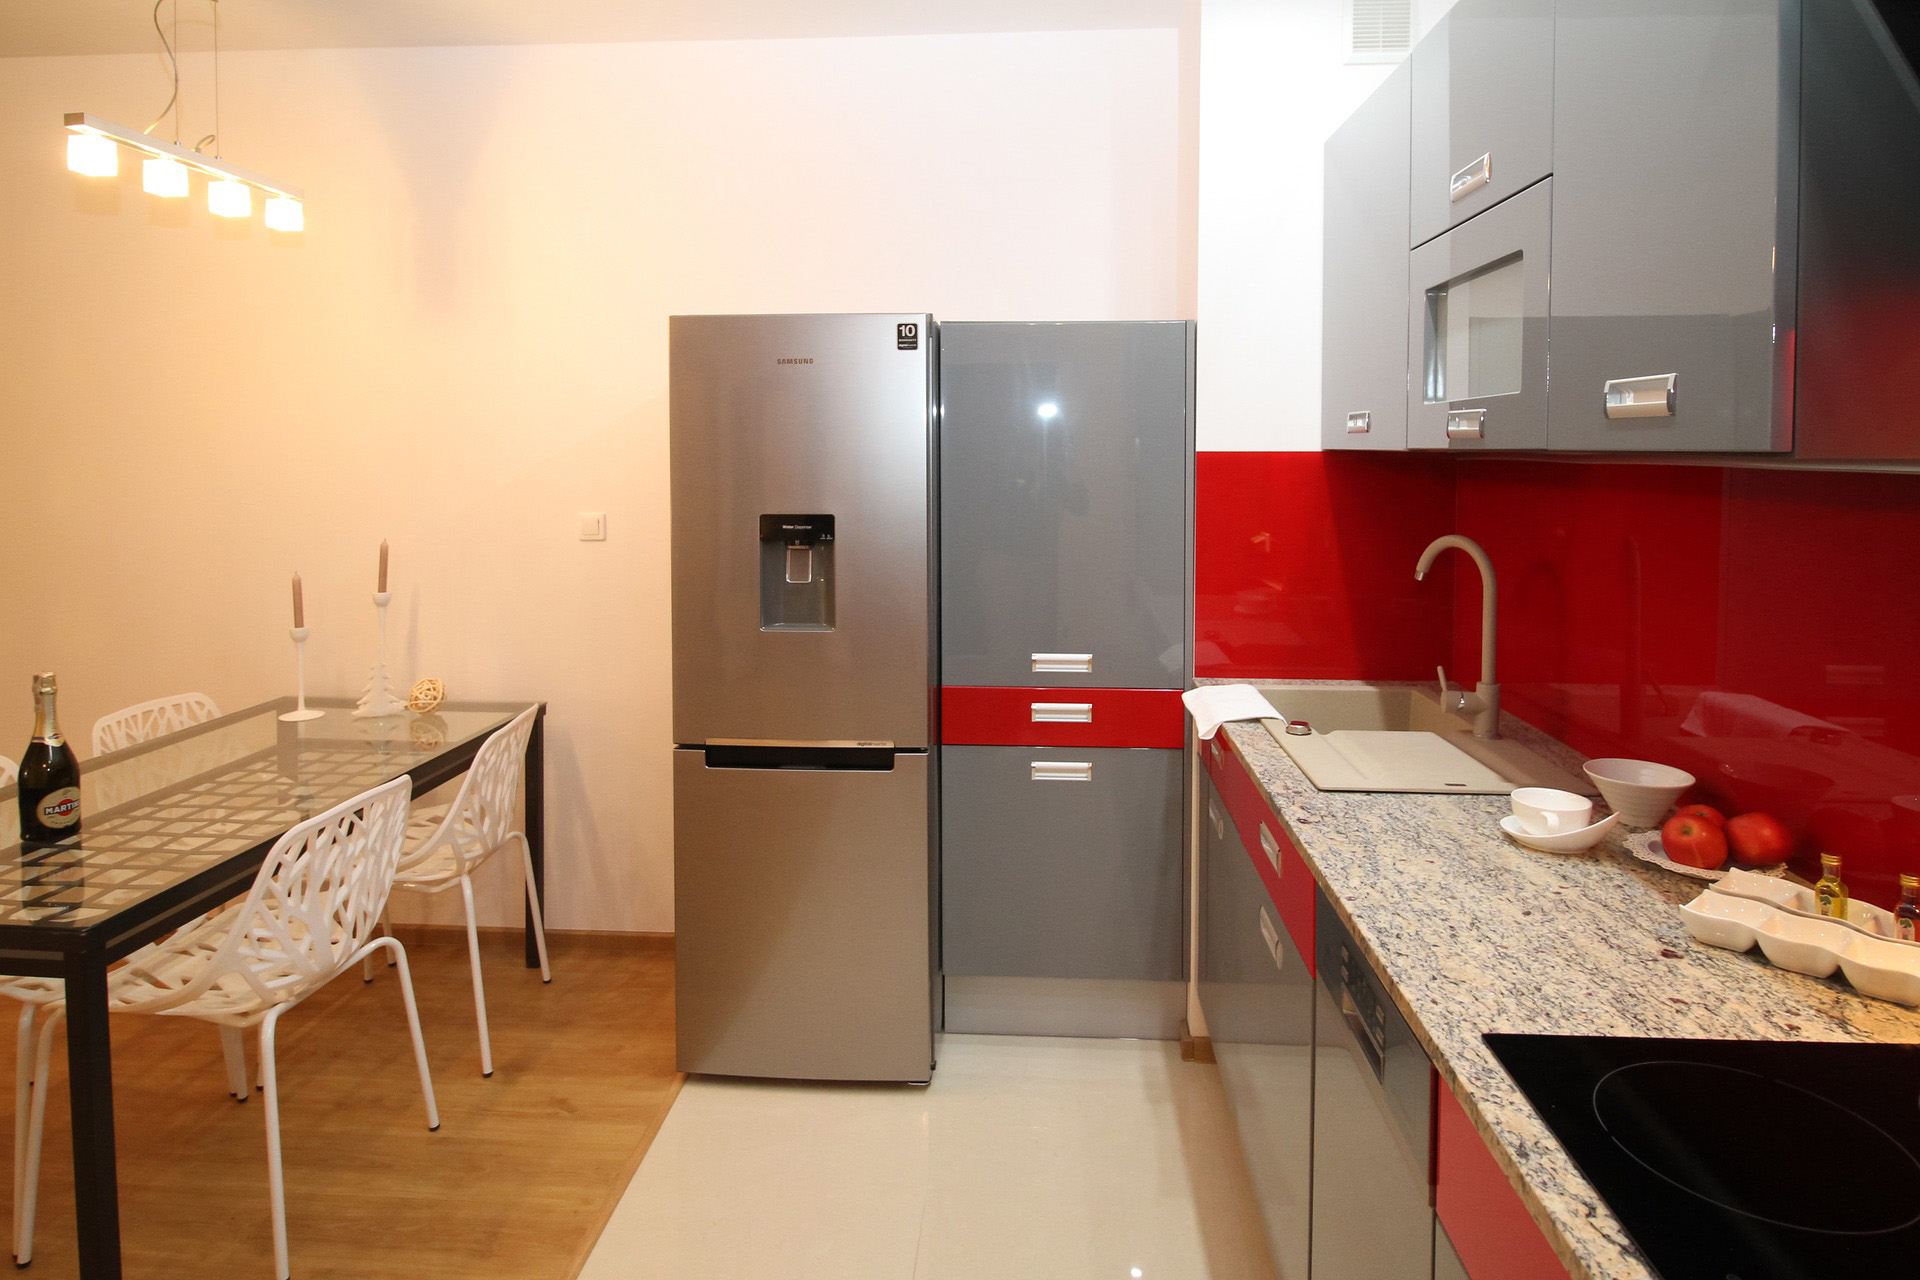 Petite cuisine ouverte aux murs rouge